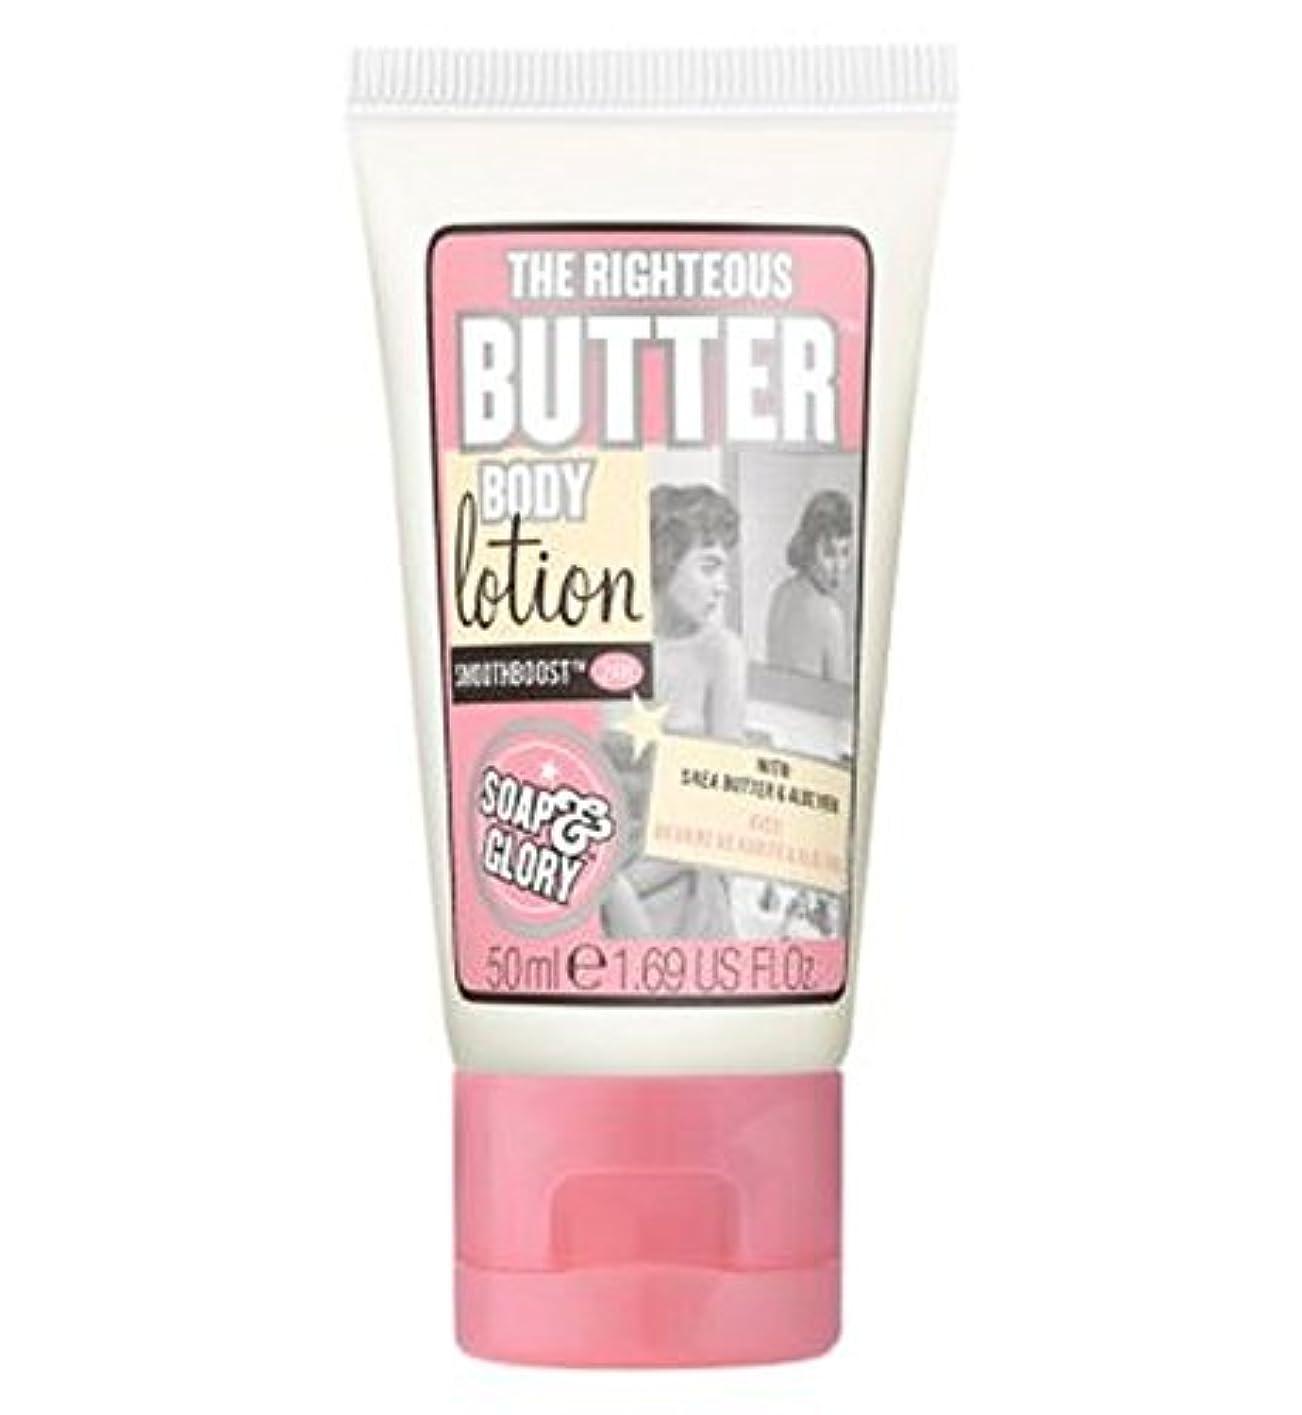 公爵夫人成り立つ入場料Soap & Glory The Righteous Butter Lotion 50ml - 石鹸&栄光正義のバターローション50ミリリットル (Soap & Glory) [並行輸入品]